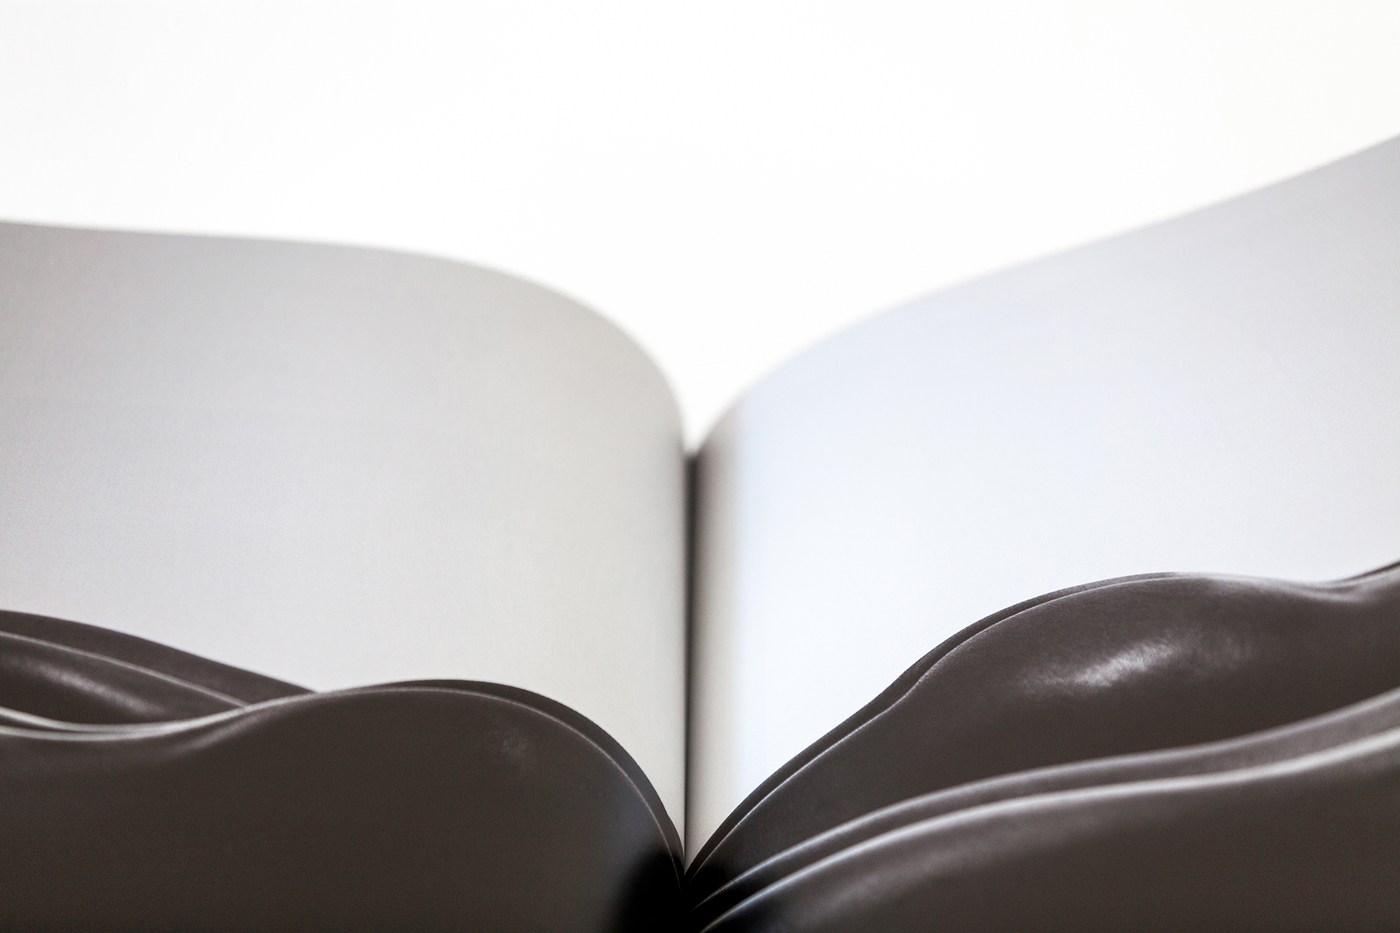 MENDO_books_carli_hermes_016.jpg